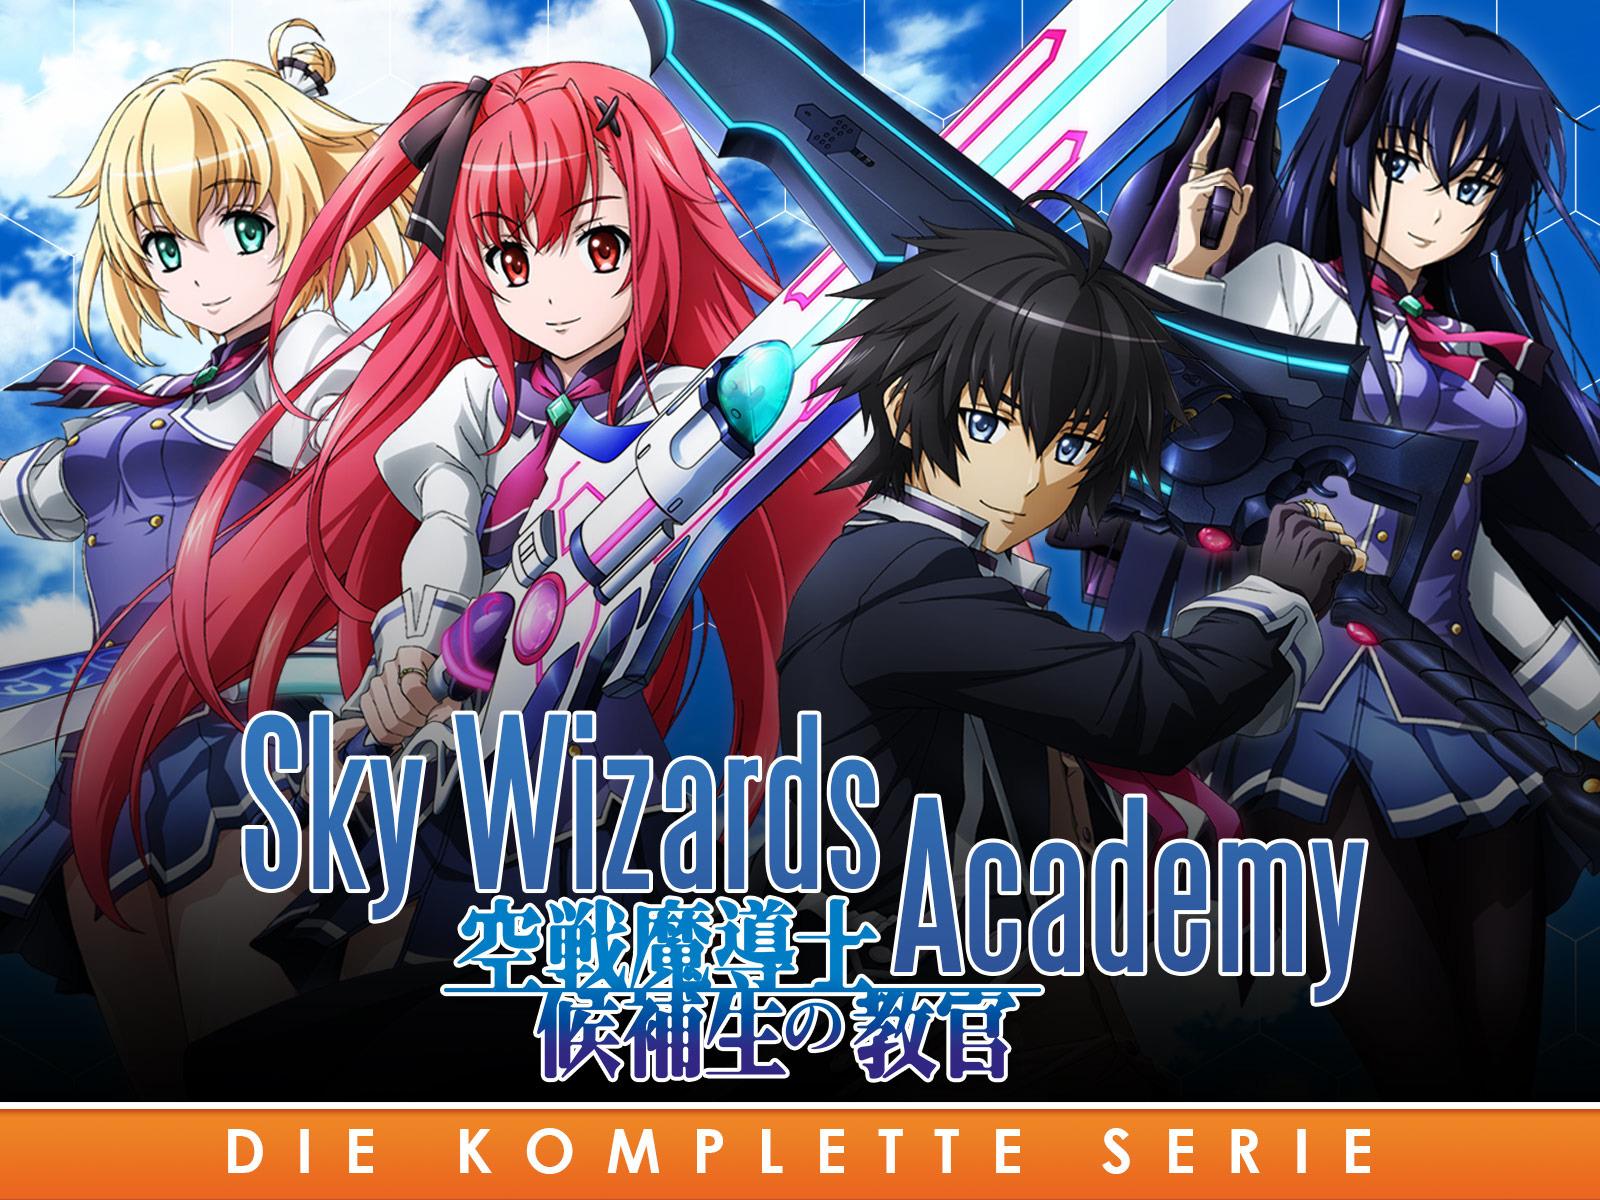 Sky Wizards Academy